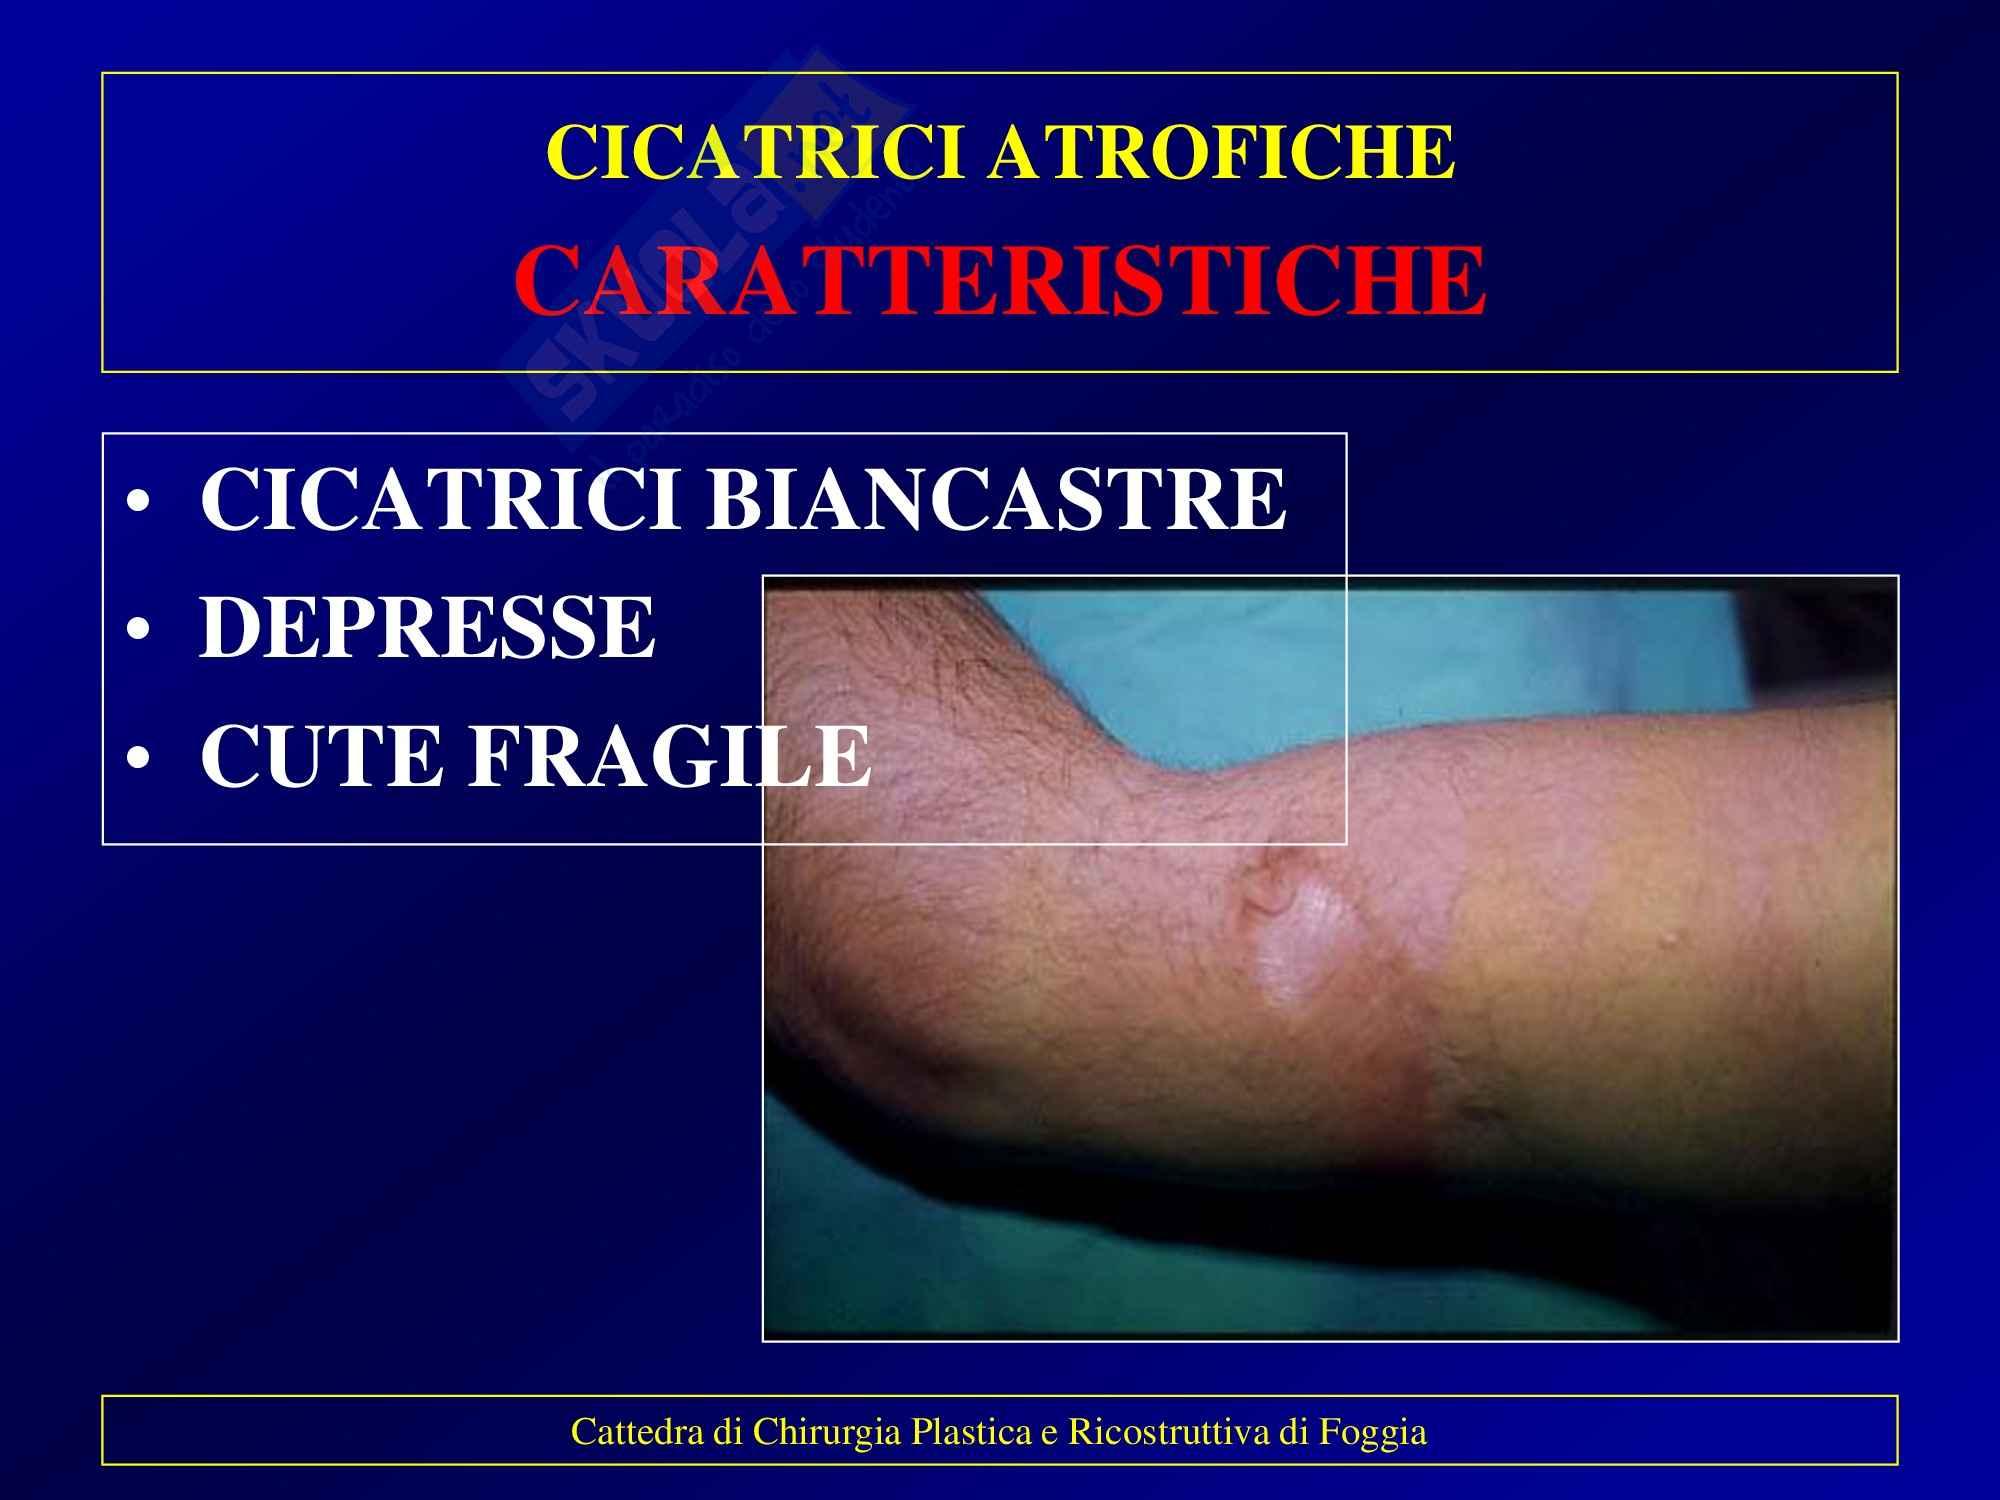 Chirurgia plastica - Cicatrici patologiche